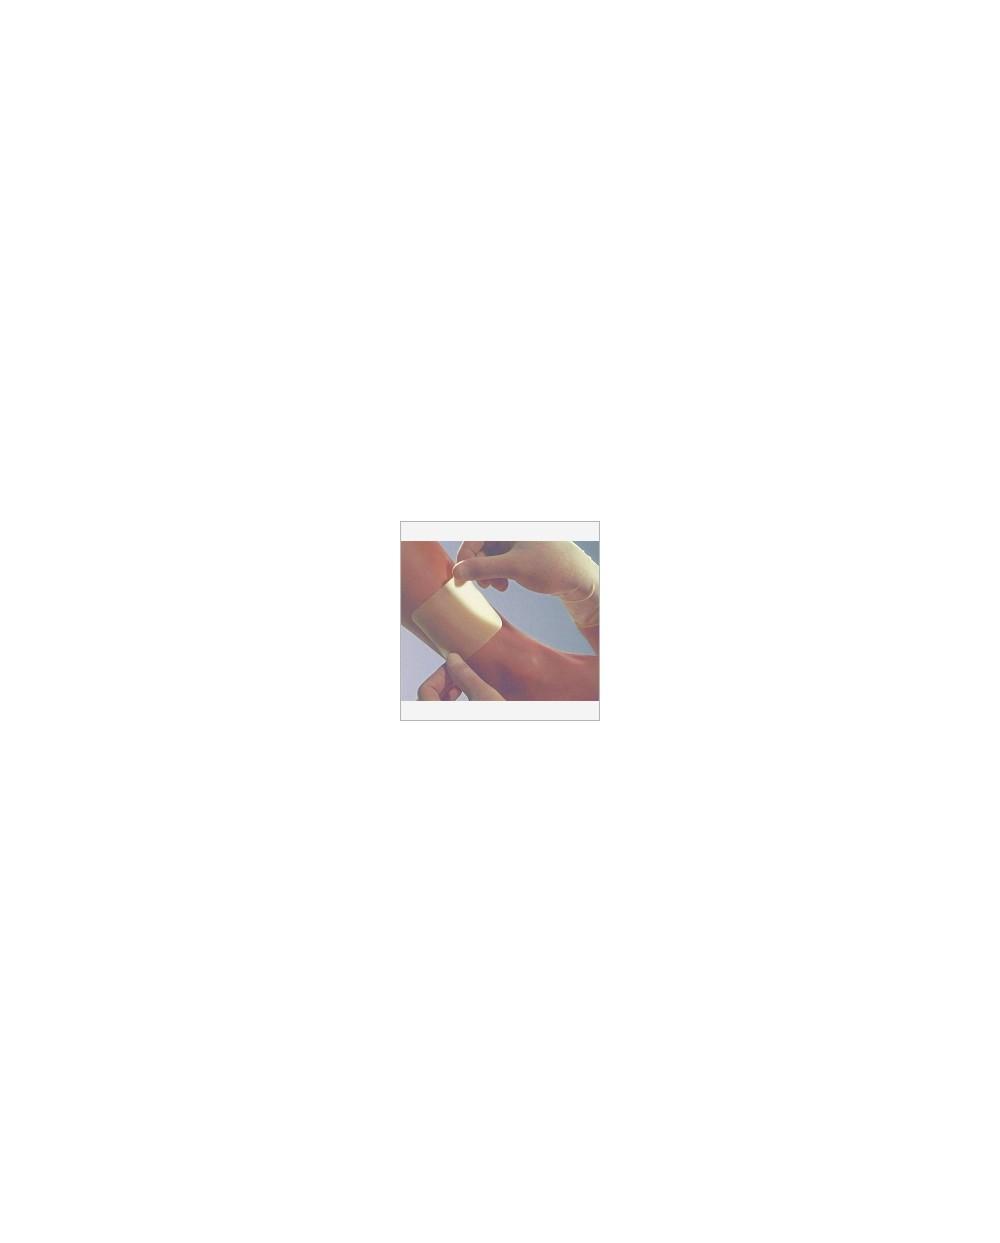 Pansements sacrum hydrocolloïde Suprasorb H, 14 x 16 cm, stérile Boîte de 5